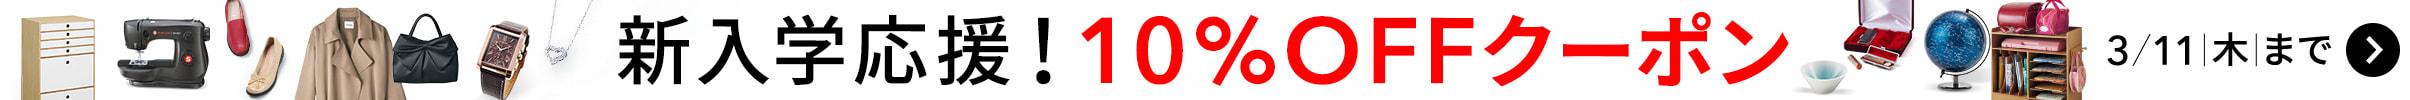 新入学特集 対象商品限定10%OFFクーポン